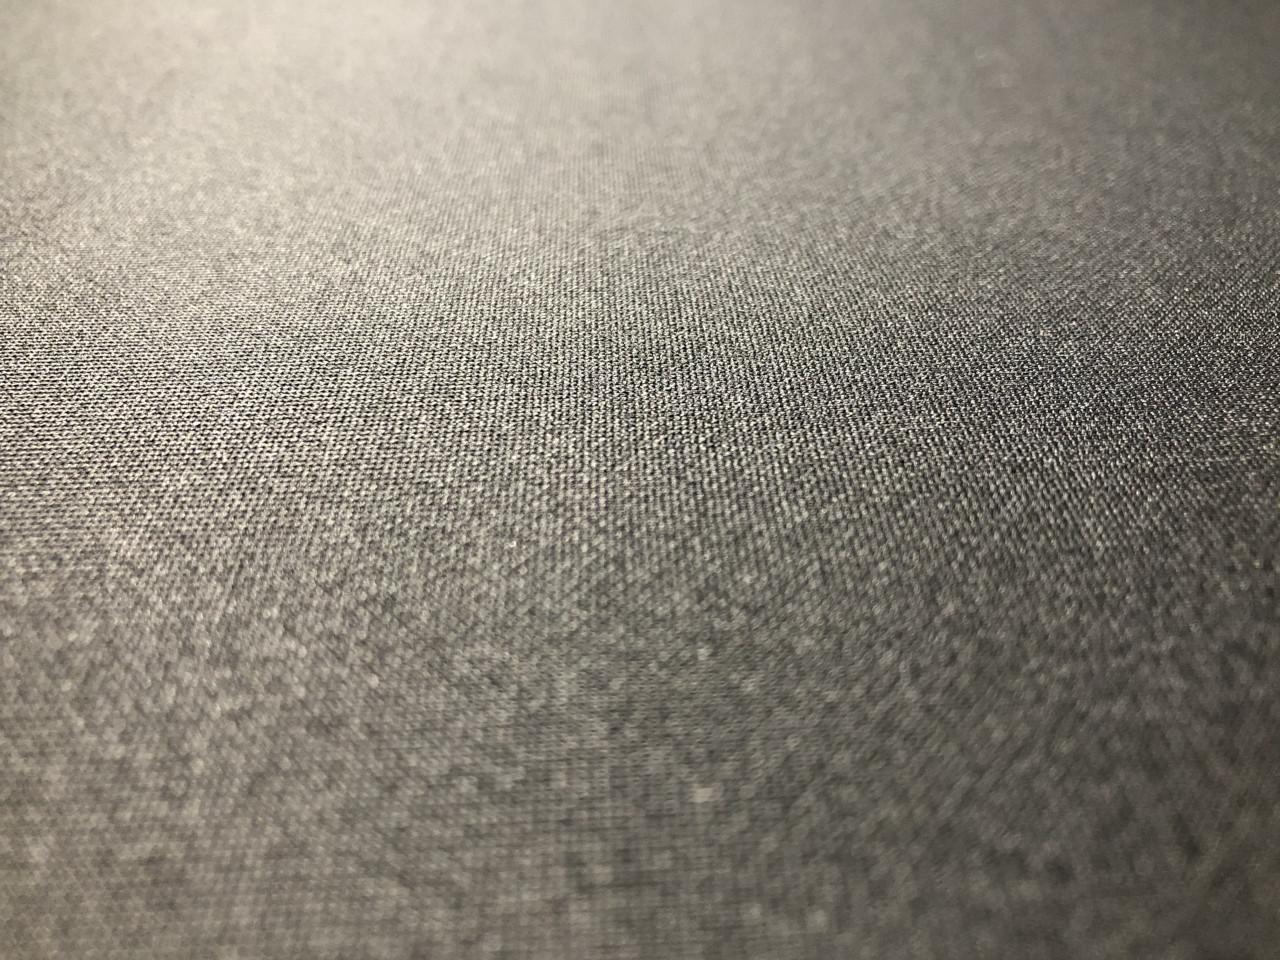 表面の質感比較-G-SR2